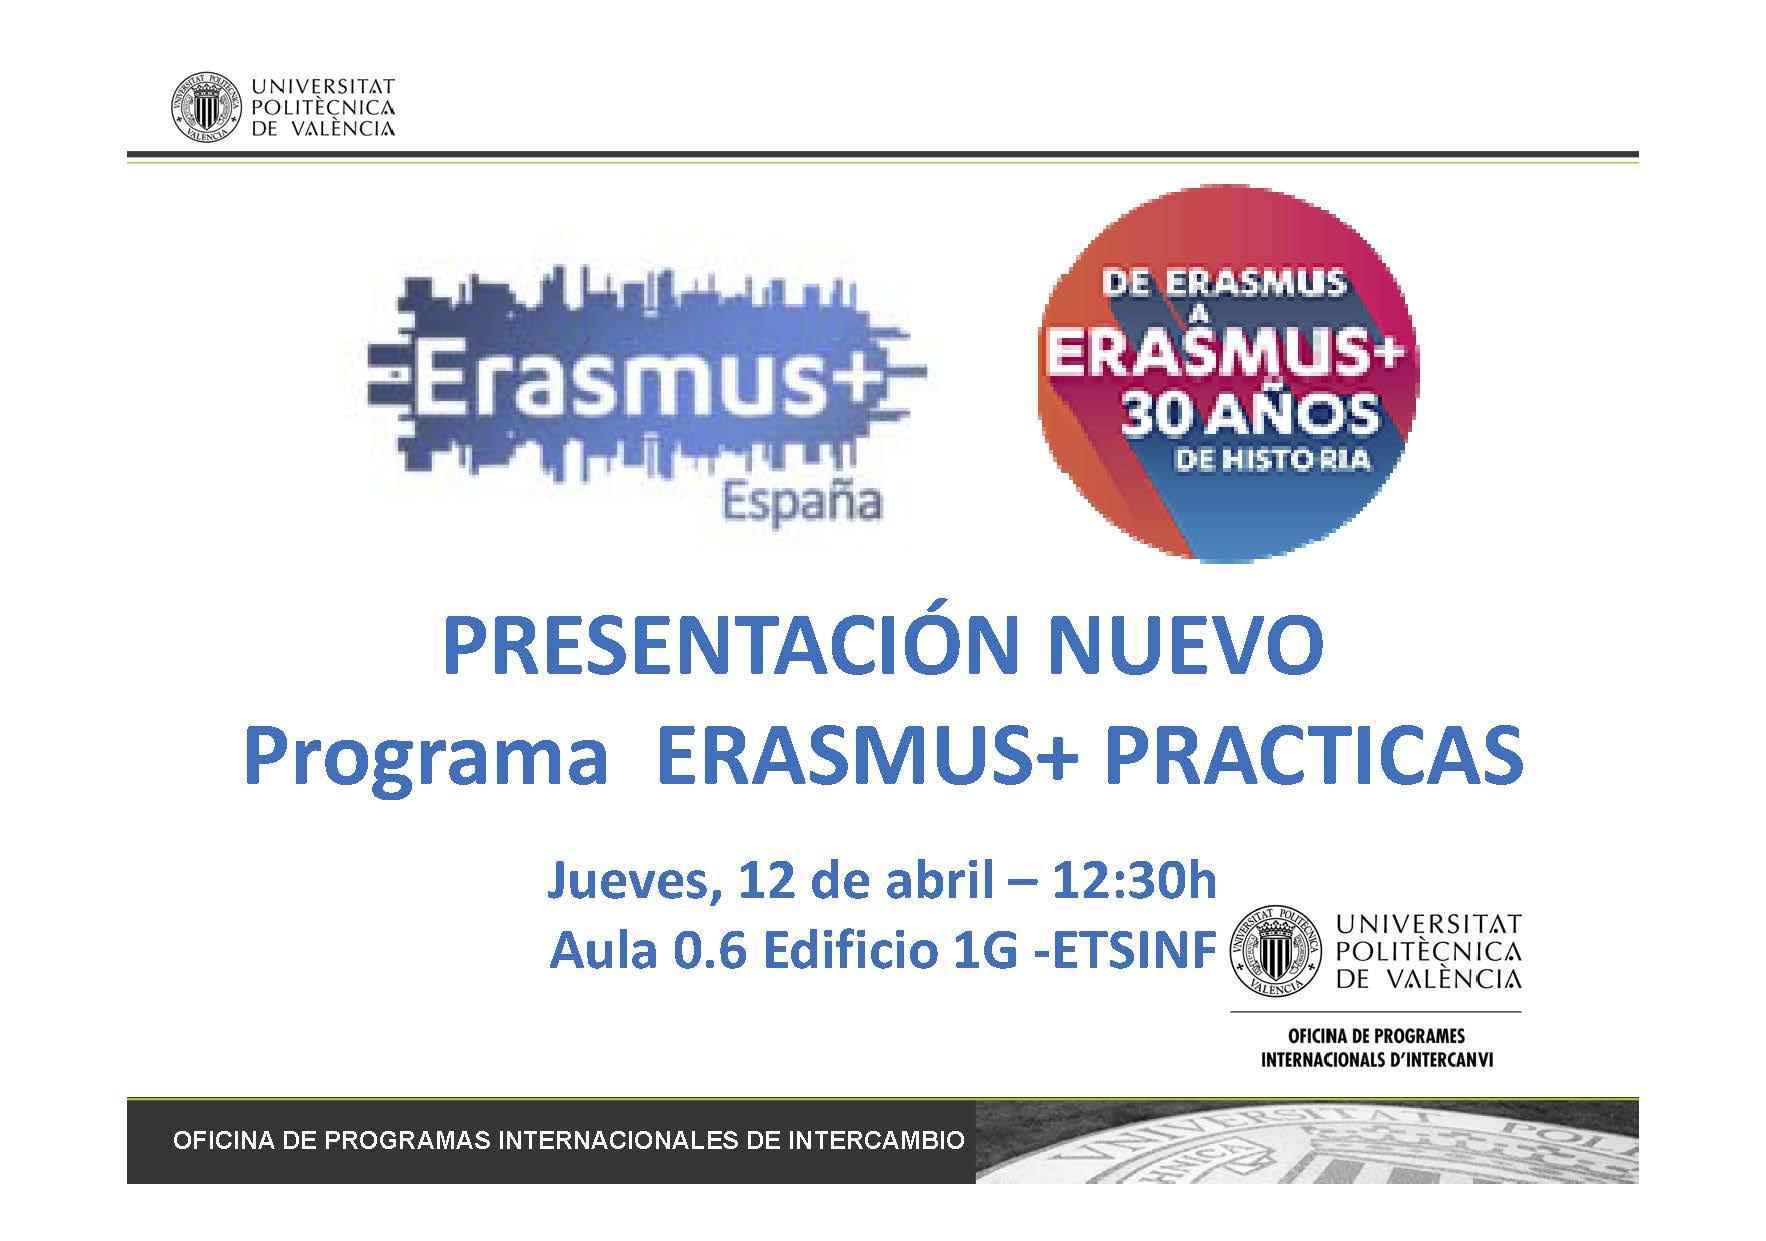 180412 - Presentación ERASMUS PRACTICAS E+